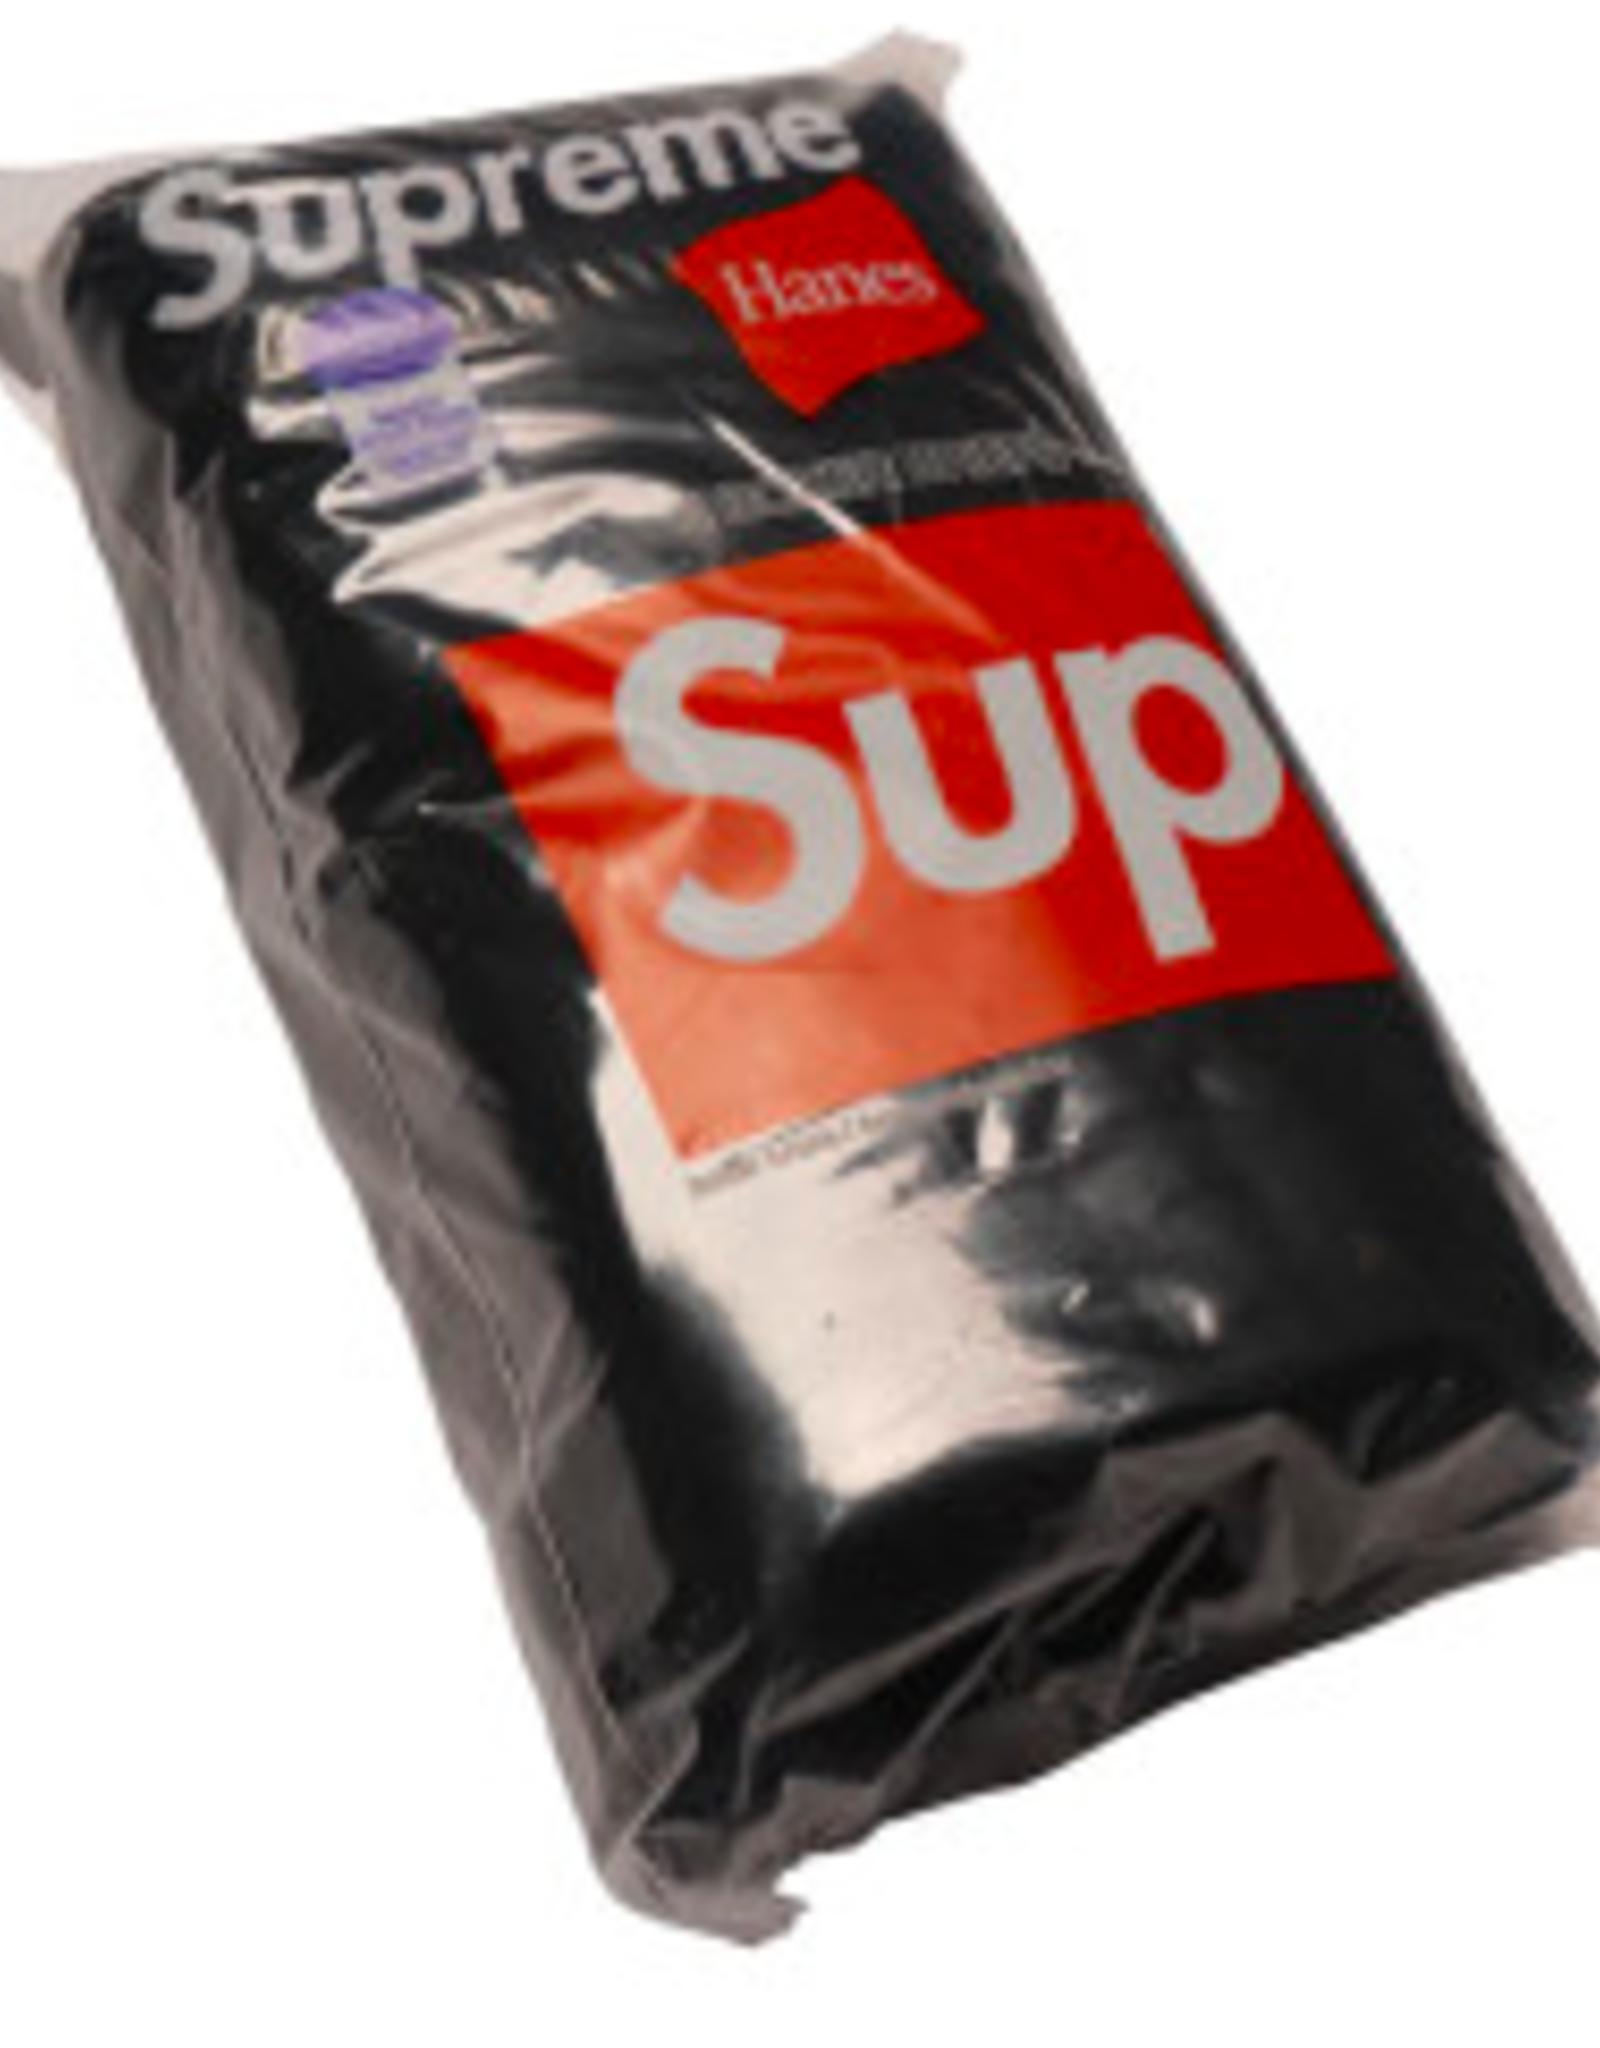 SUPREME Supreme Hanes Boxer (4 Pack) Briefs Black